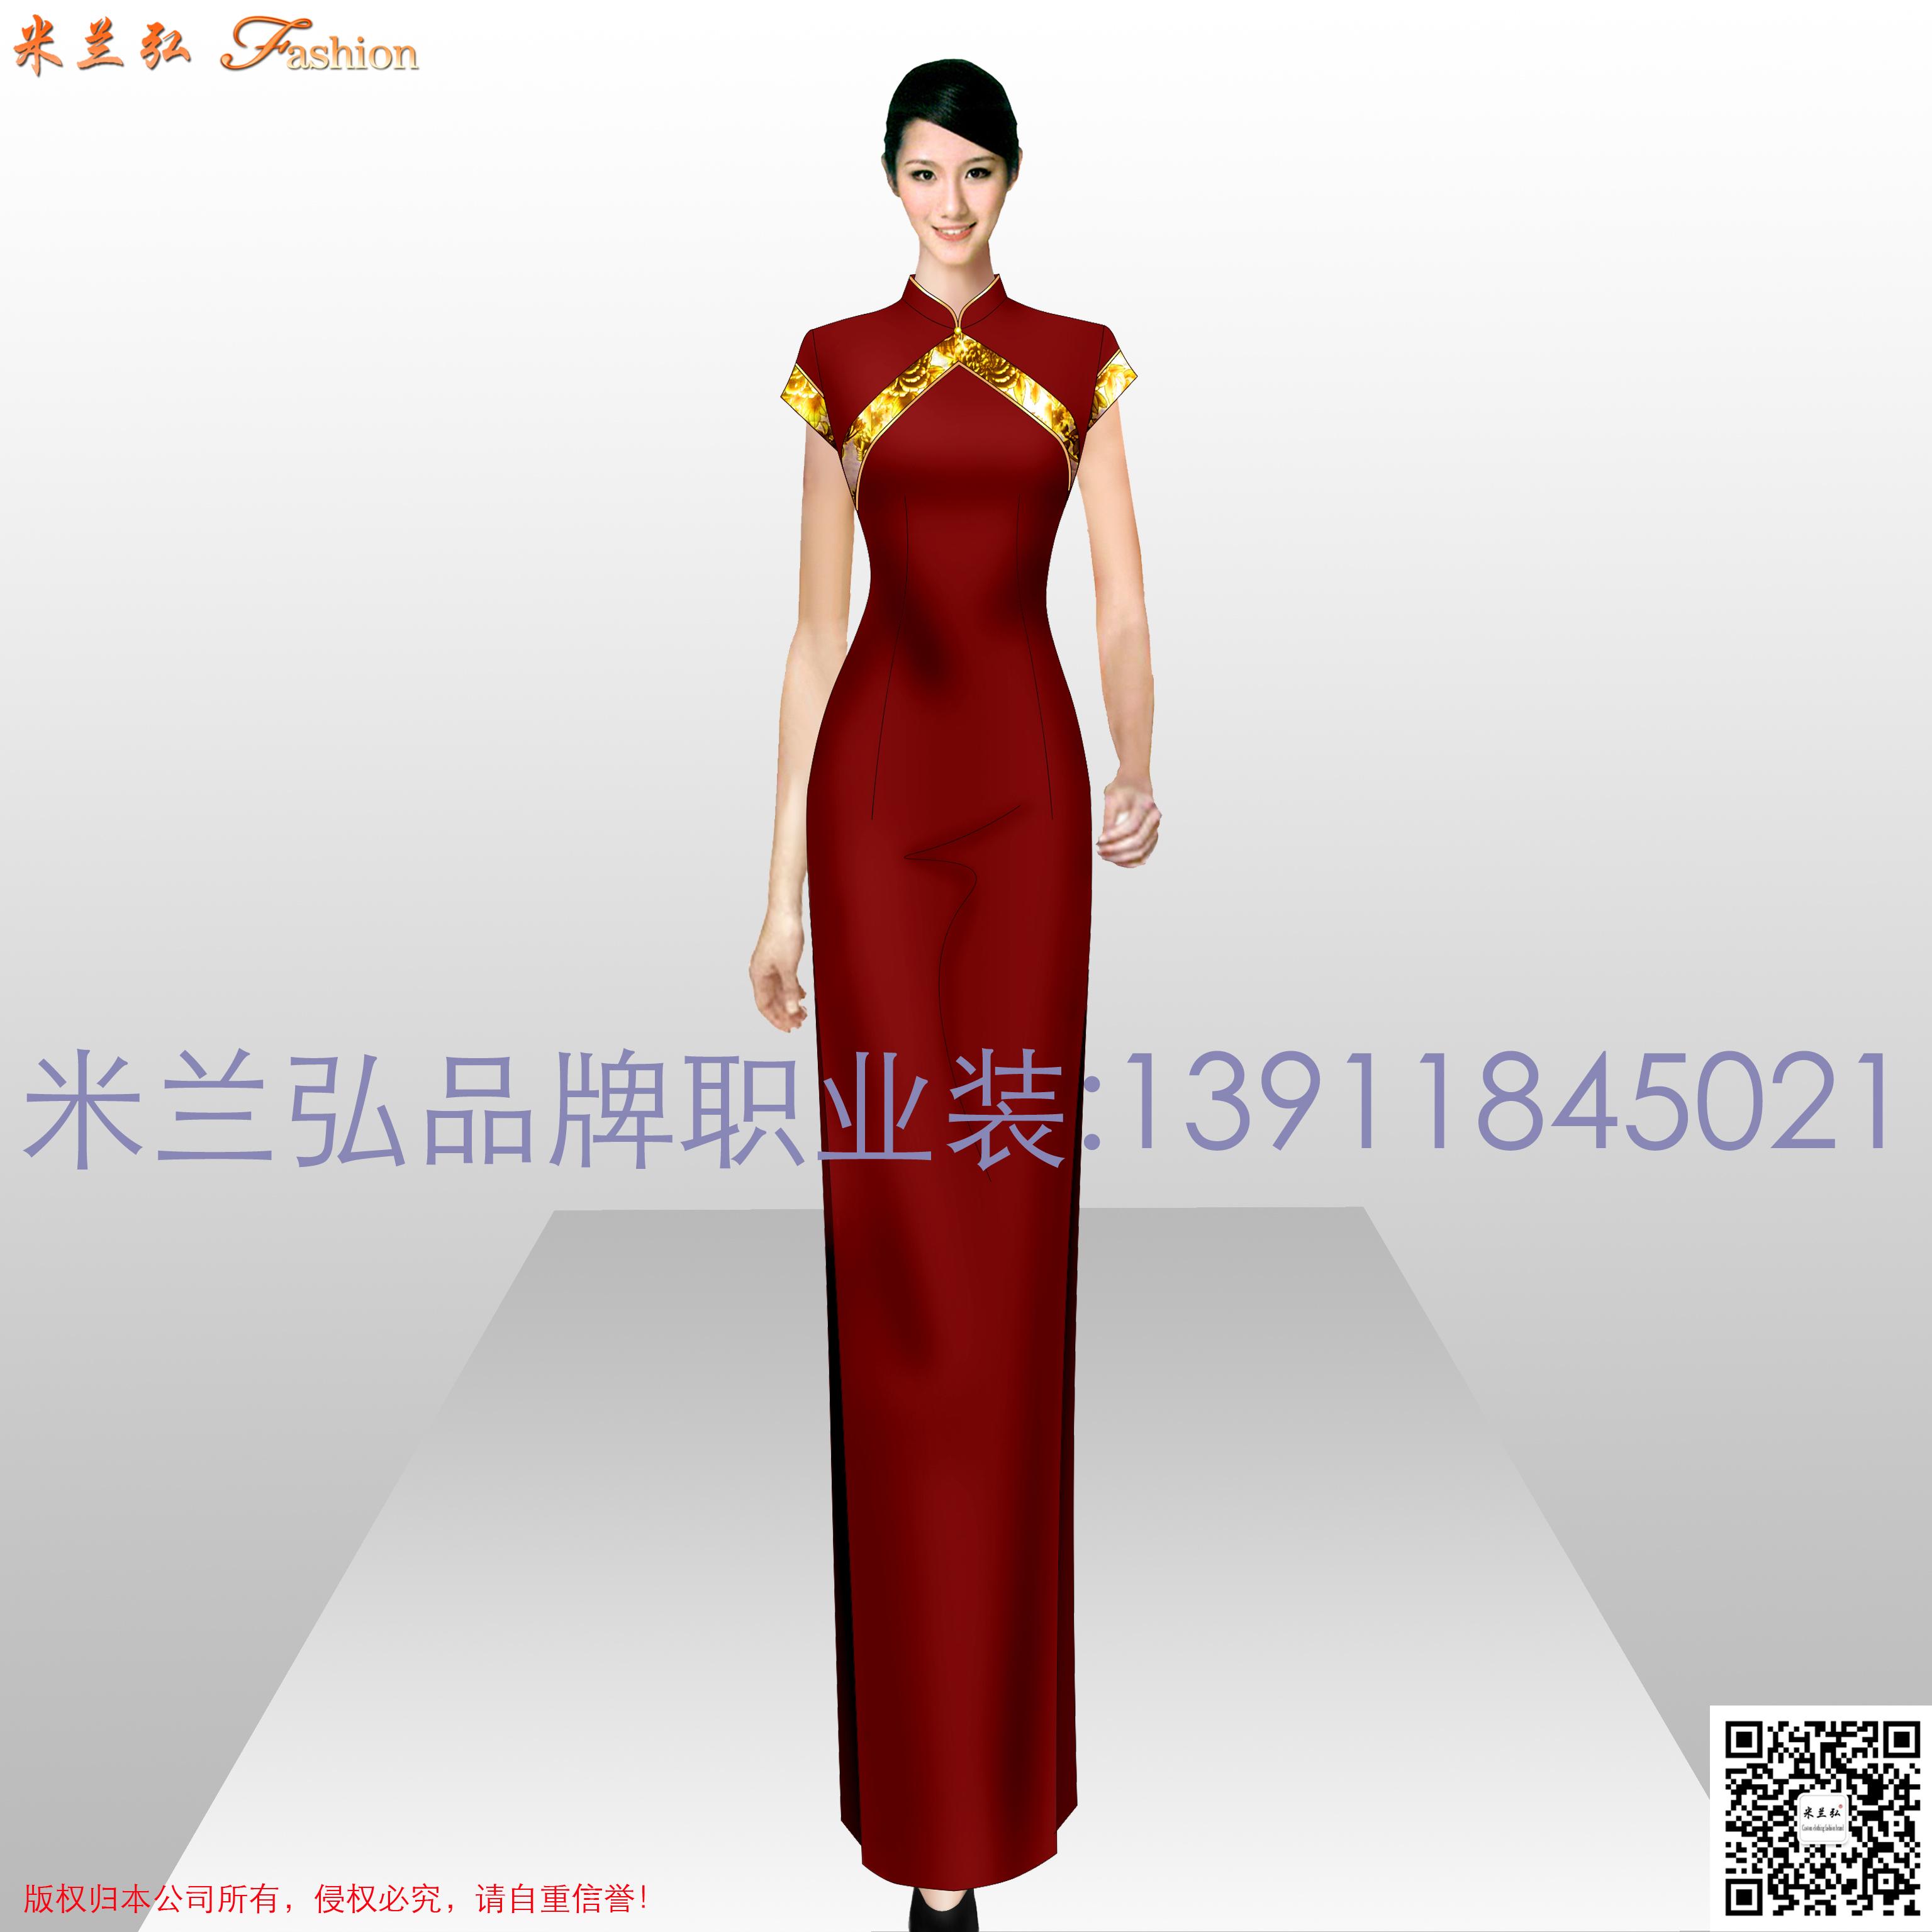 「中式旗袍定制」「古典旗袍訂制」-米蘭弘品牌服裝-1